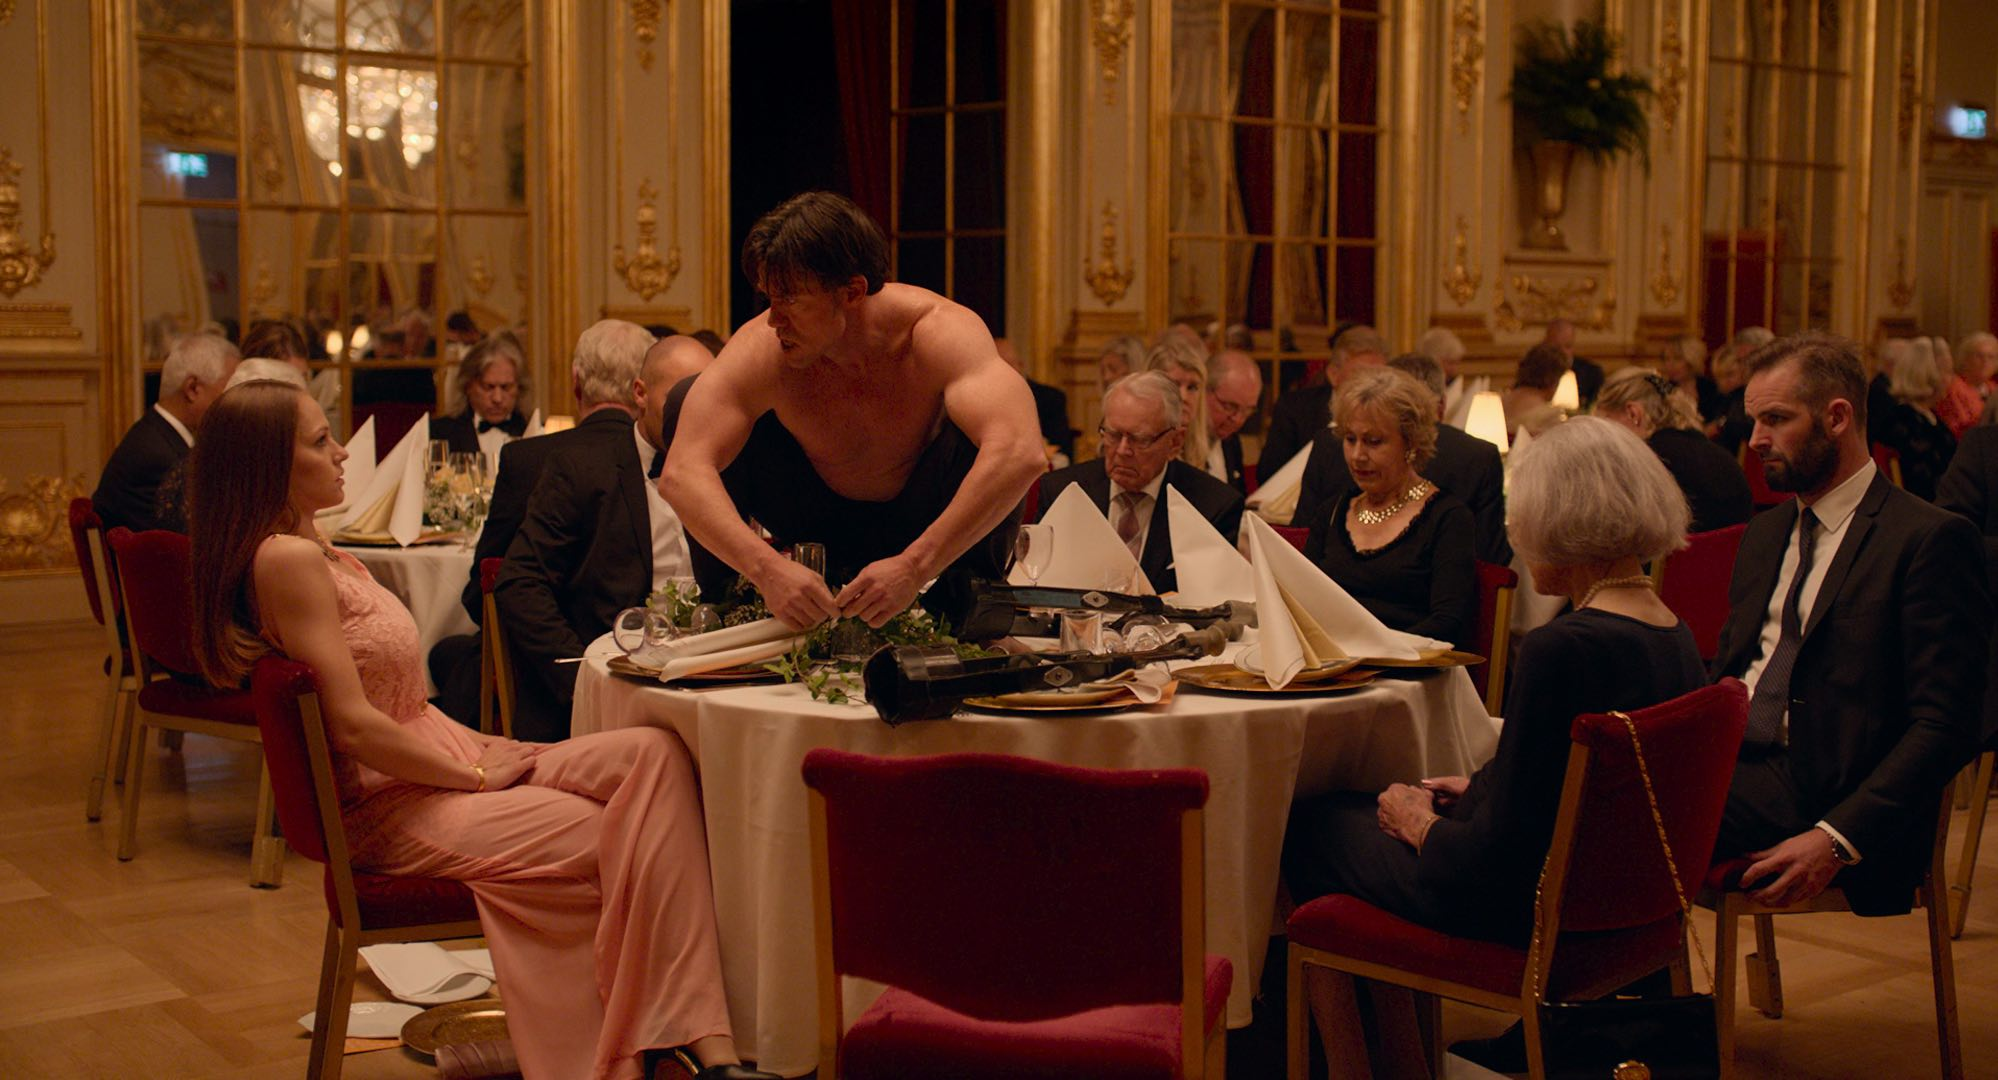 Zlatnom palmom nagrađeni film u fokusu je sljedećeg izdanja Kinotekina diskurzivnog programa Kontraplan